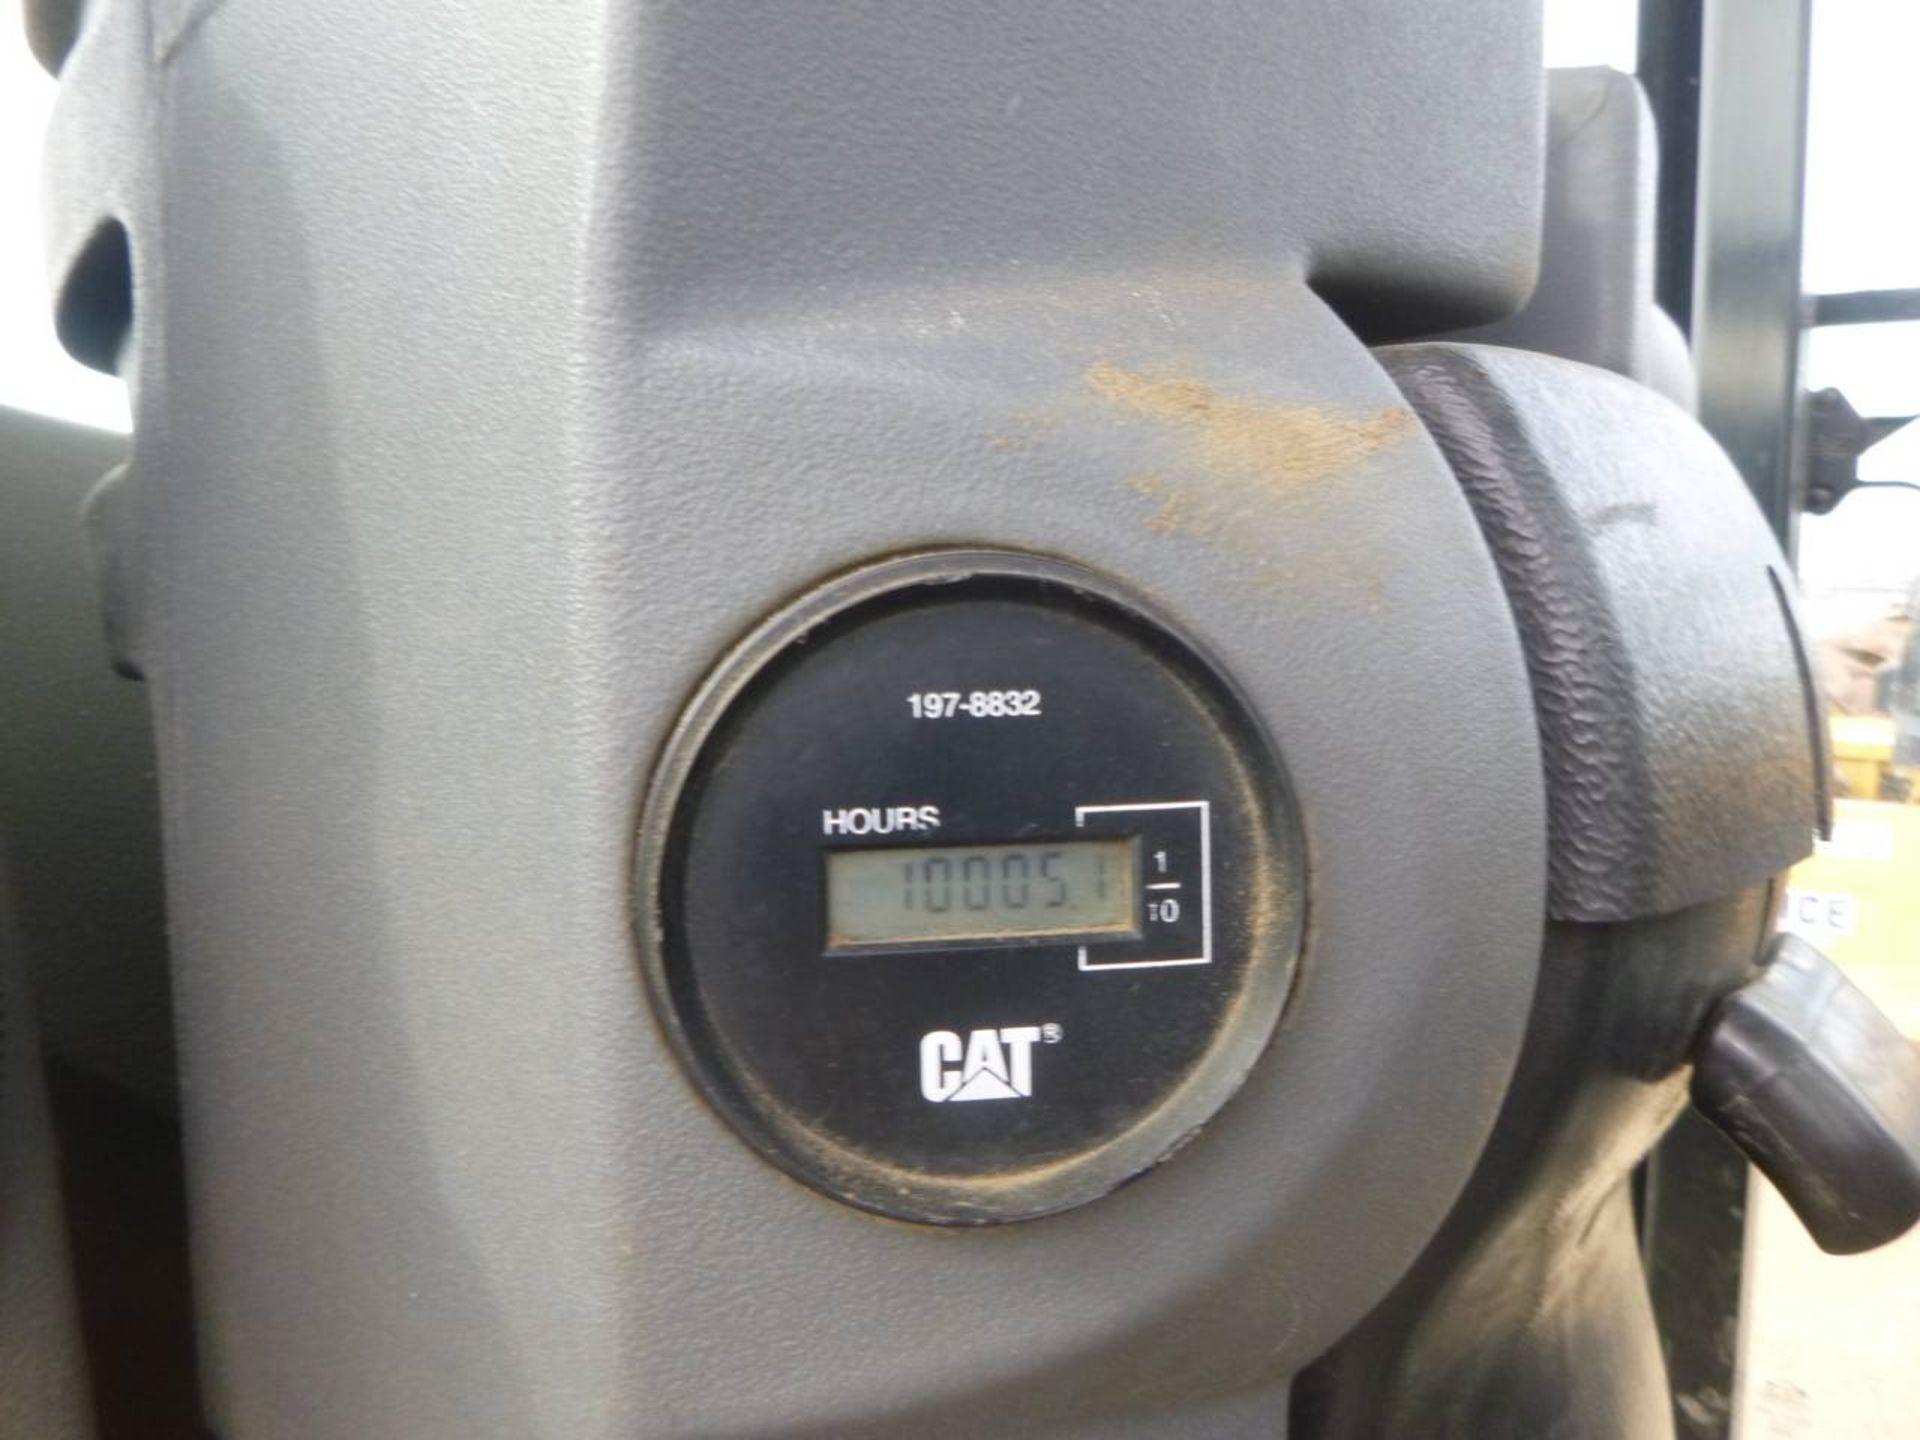 2006 Caterpillar CP-563E Compactor - Image 8 of 9